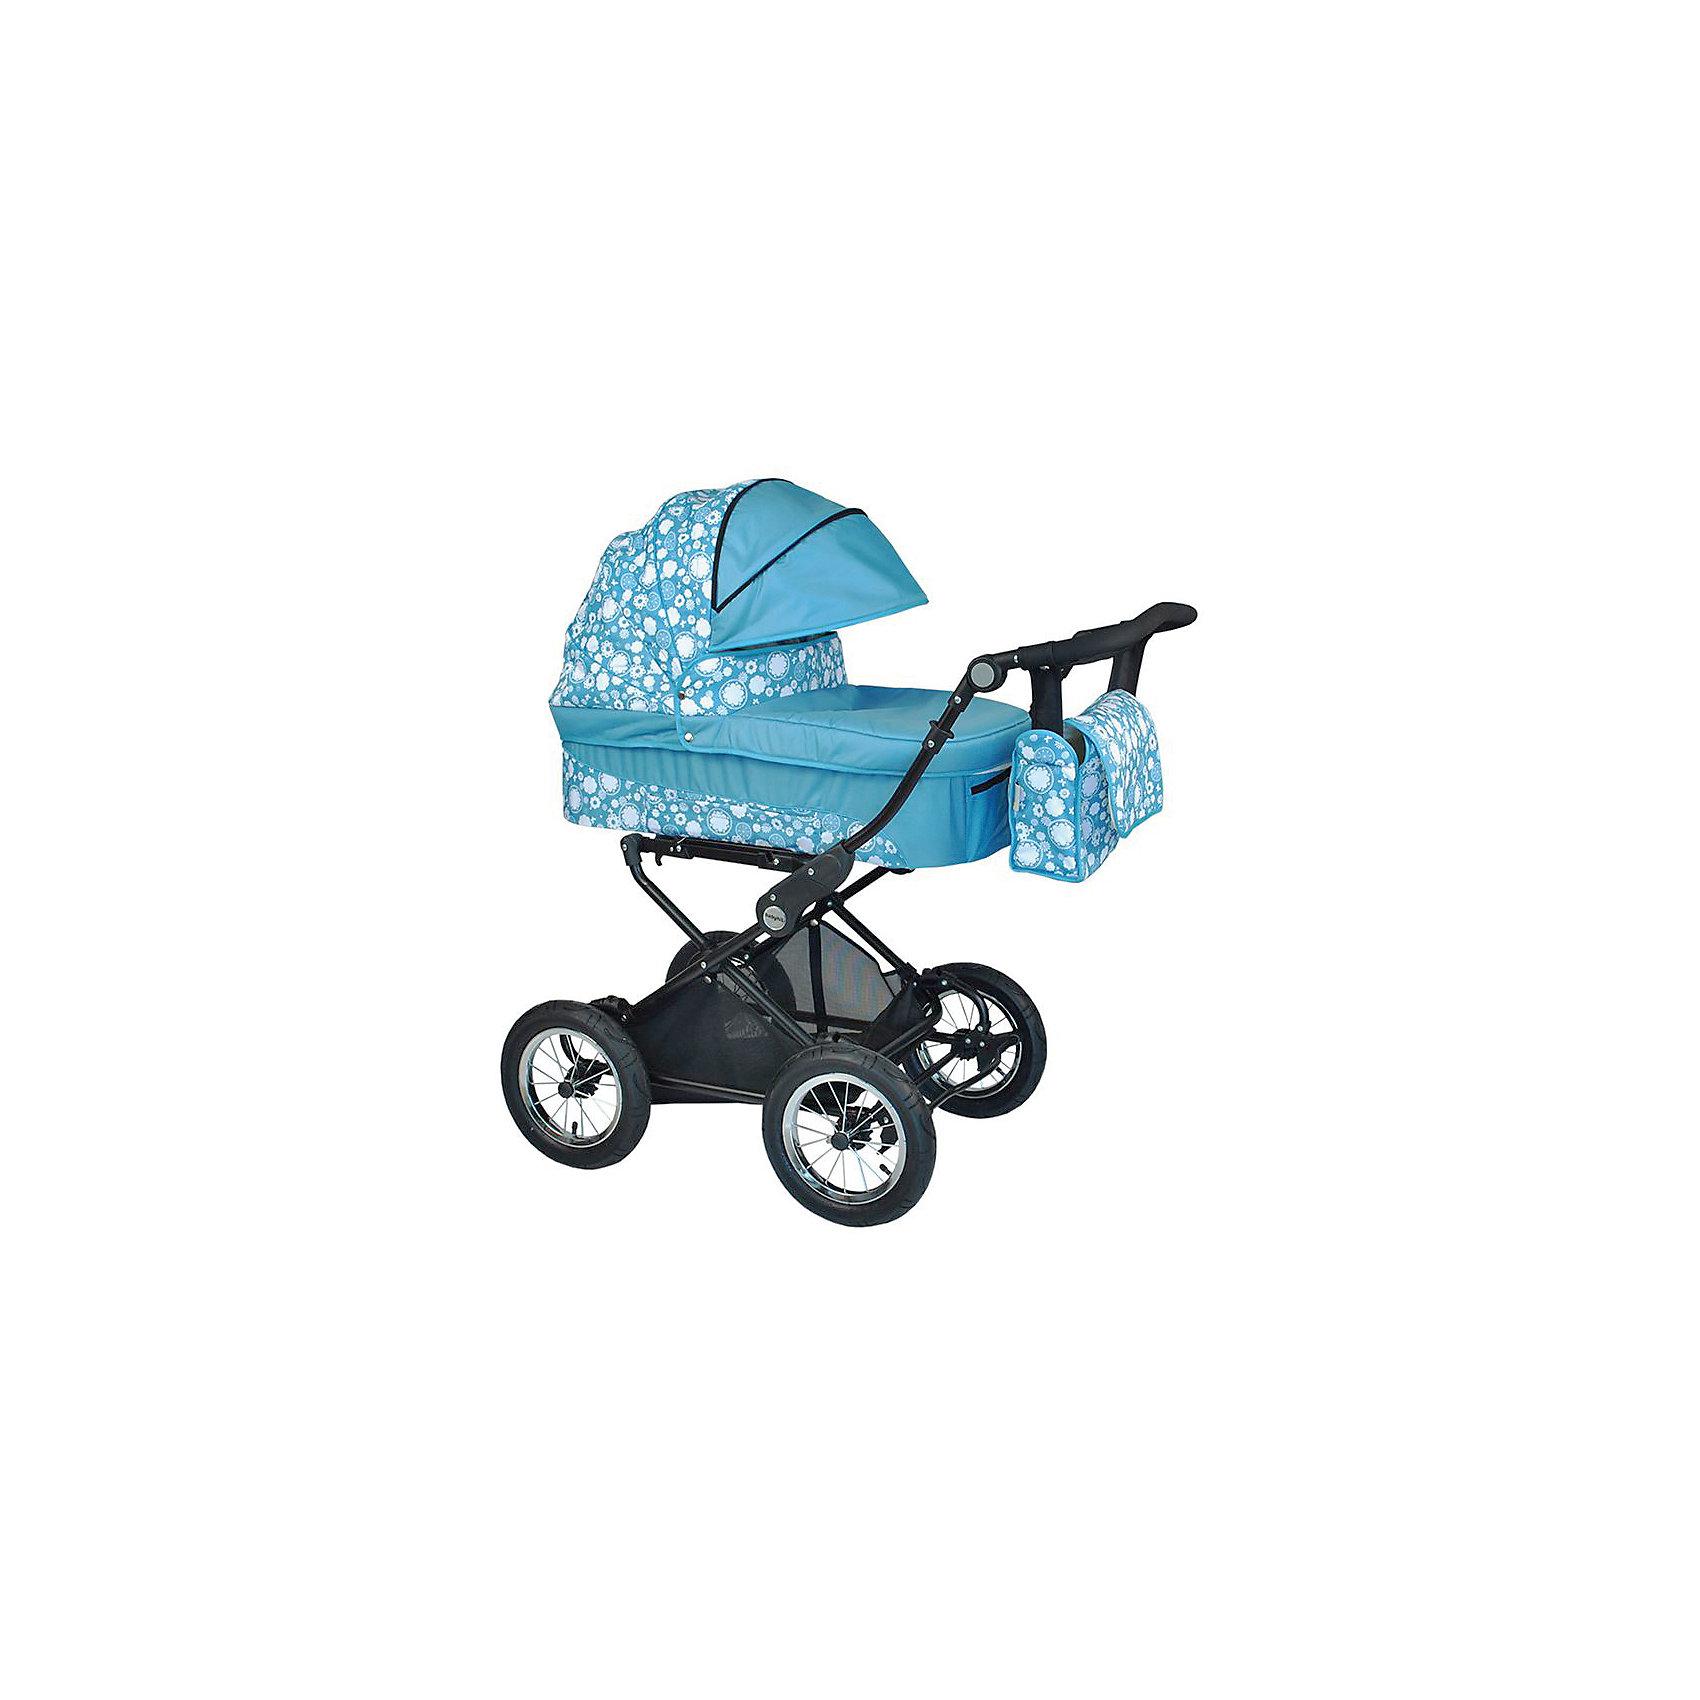 Коляска 2 в 1 BabyHit EVENLY , бирюзовыйКоляски 2 в 1<br>Универсальная коляска 2 в 1 Babyhit Evenly - достойный претендент на роль первого транспортного средства для Вашего малыша. Практичная, очень комфортная и надежная станет приятным приобретением,  как для Вас, так и для Вашего ребенка на протяжении всего срока эксплуатации.<br><br>Дополнительная информация::<br><br>Капюшон «батискаф» на люльке и прогулочном блоке<br>Регулируемая спинка прогулочного сиденья (до положения «лежа»)<br>Регулируемая по высоте ручка<br>Установка люльки и прогулочного блока в любом направлении движения<br>Ремни для переноски люльки в боковых карманах<br>Съемный поручень прогулочного сиденья с паховым ремнем<br>Колеса надувные, диаметр 30 см<br>Система амортизации на всех колесах<br>Багажная корзина<br>В комплекте:<br>Дождевик<br>Москитная сетка<br>Два полога<br>Сумка для мамы<br>Вес коляски с прогулочным блоком - 16,5 кг<br>Вес коляски с люлькой - 16 кг.<br>Вес прогулочного блока - 5,5 кг<br>Вес люльки - 5 кг<br>Вес рамы - 11 кг.<br><br>Коляску 2-в-1 EVENLY BabyHit, бирюзовый можно купить в нашем магазине.<br><br>Ширина мм: 520<br>Глубина мм: 320<br>Высота мм: 850<br>Вес г: 22000<br>Цвет: бирюзовый<br>Возраст от месяцев: 0<br>Возраст до месяцев: 36<br>Пол: Унисекс<br>Возраст: Детский<br>SKU: 4640308